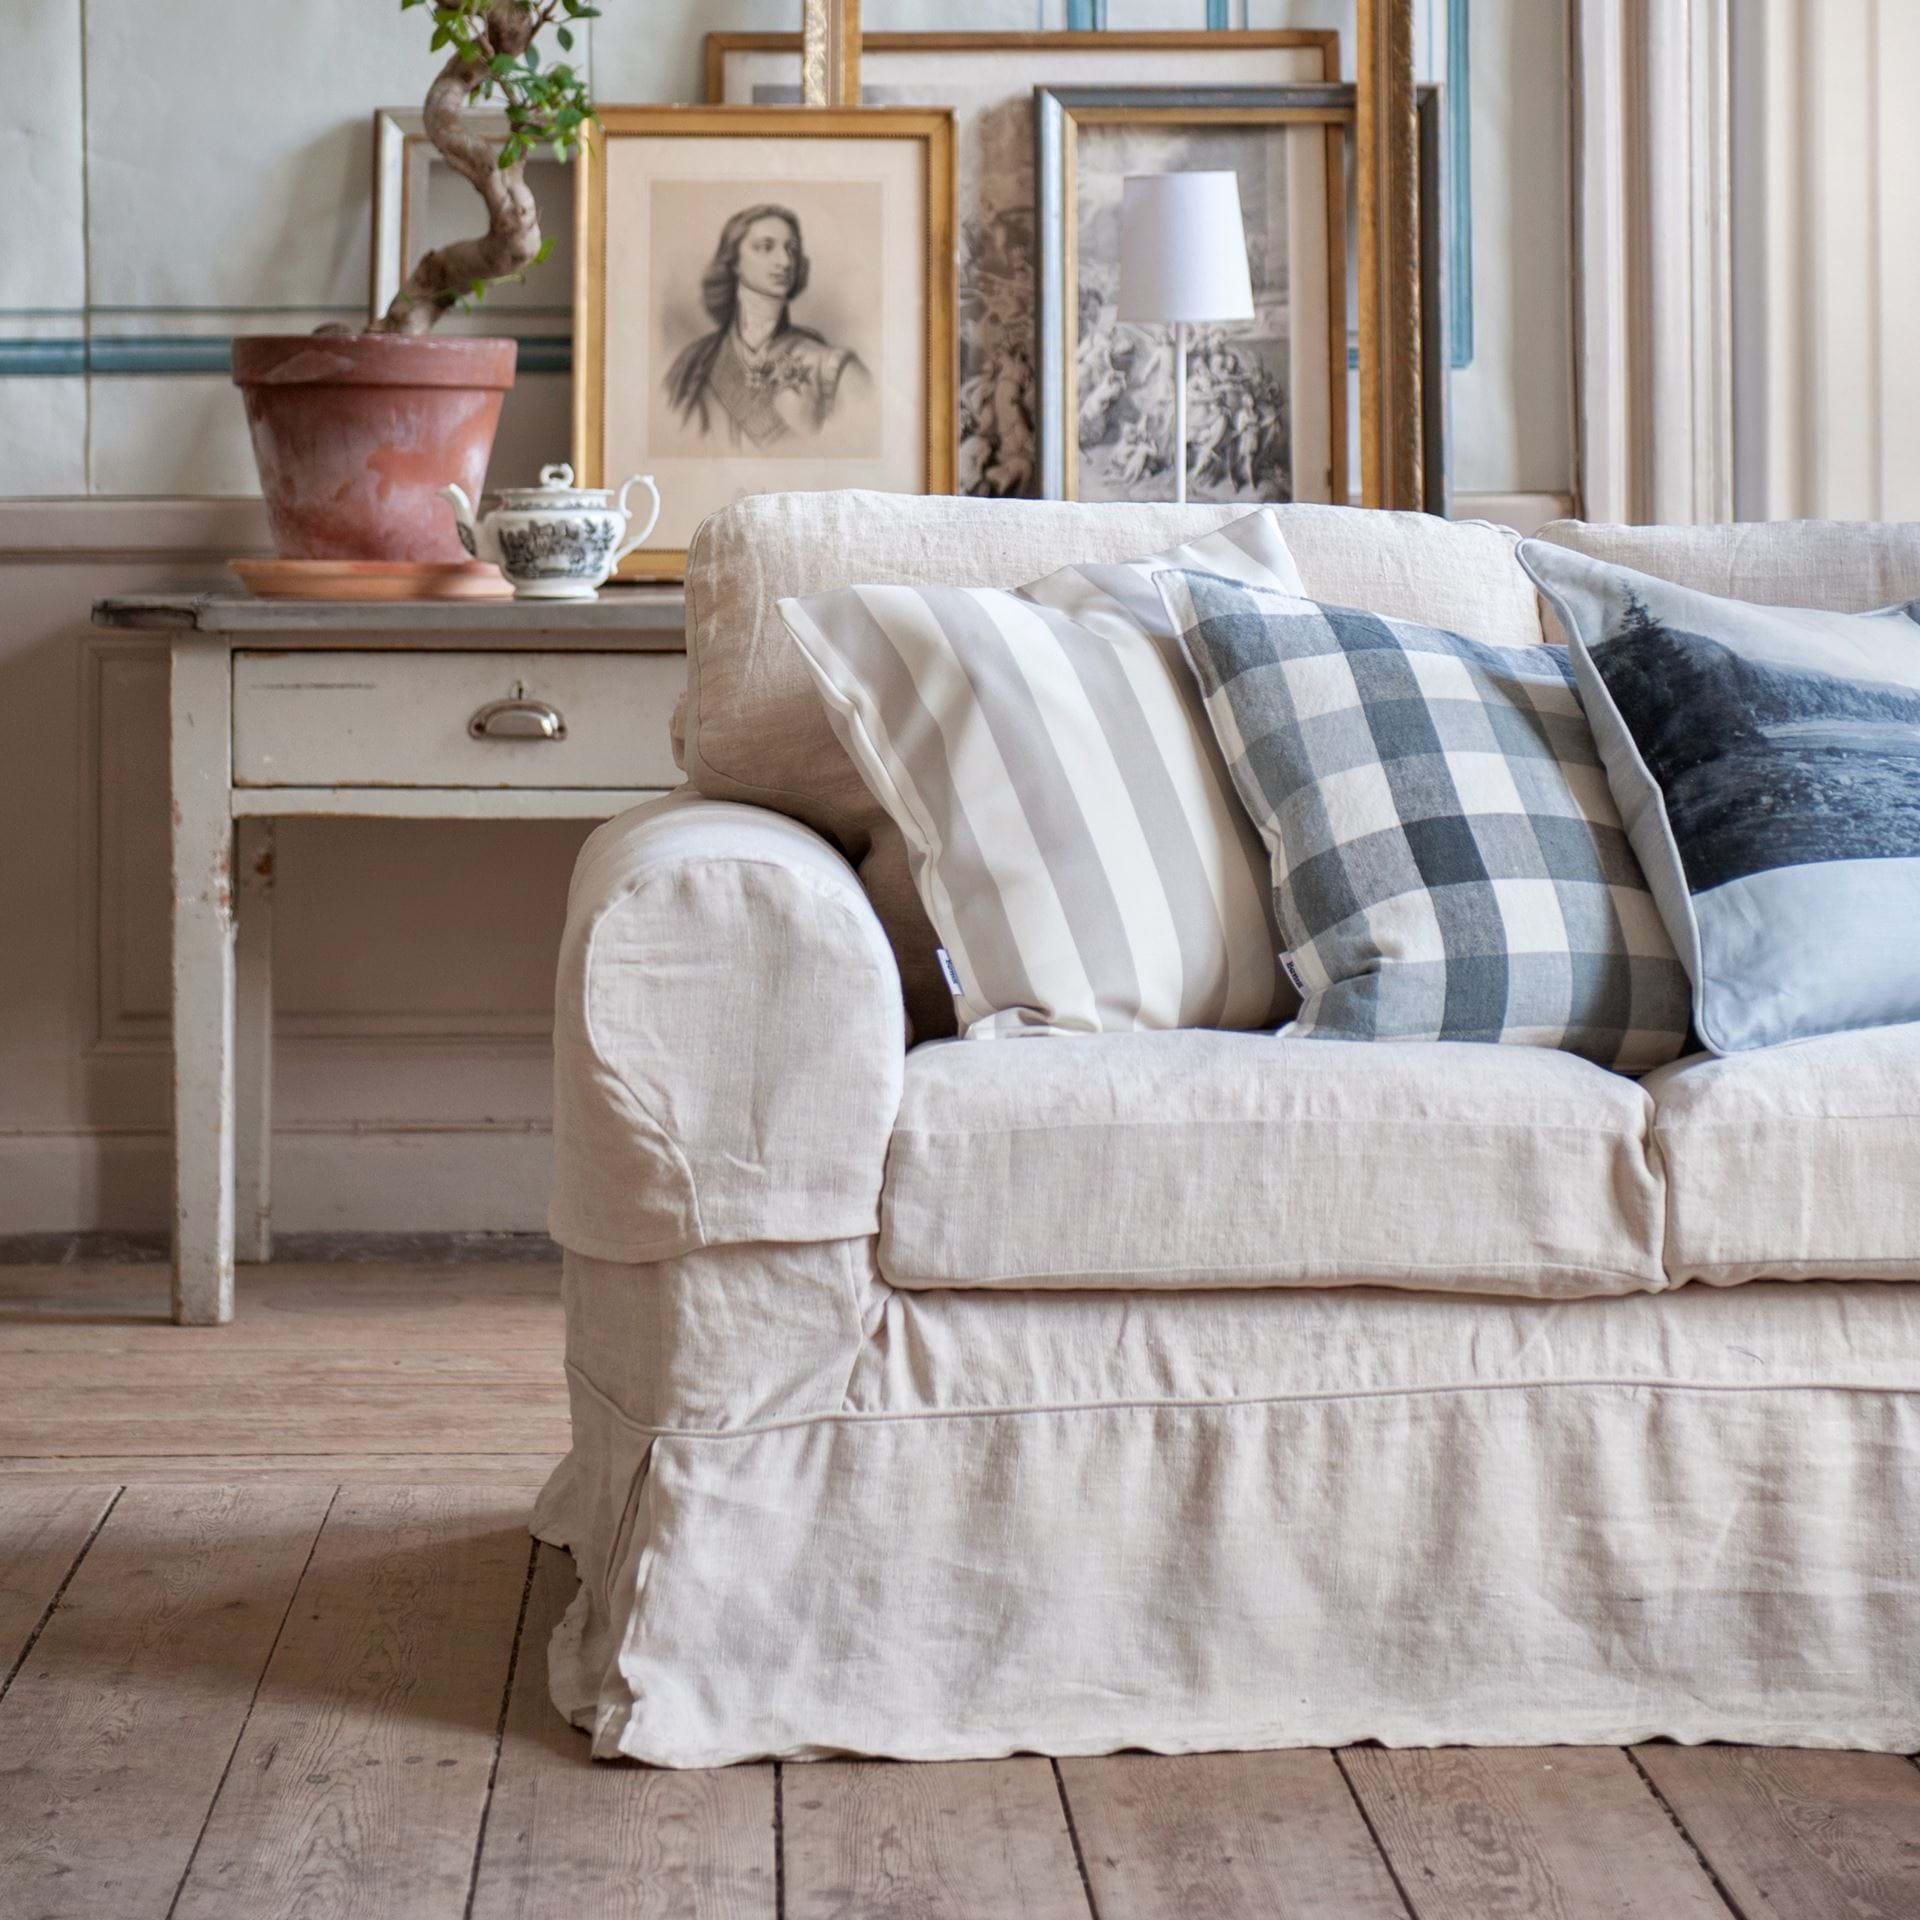 Ikea Rp 2 Seater Sofa Cover Loose